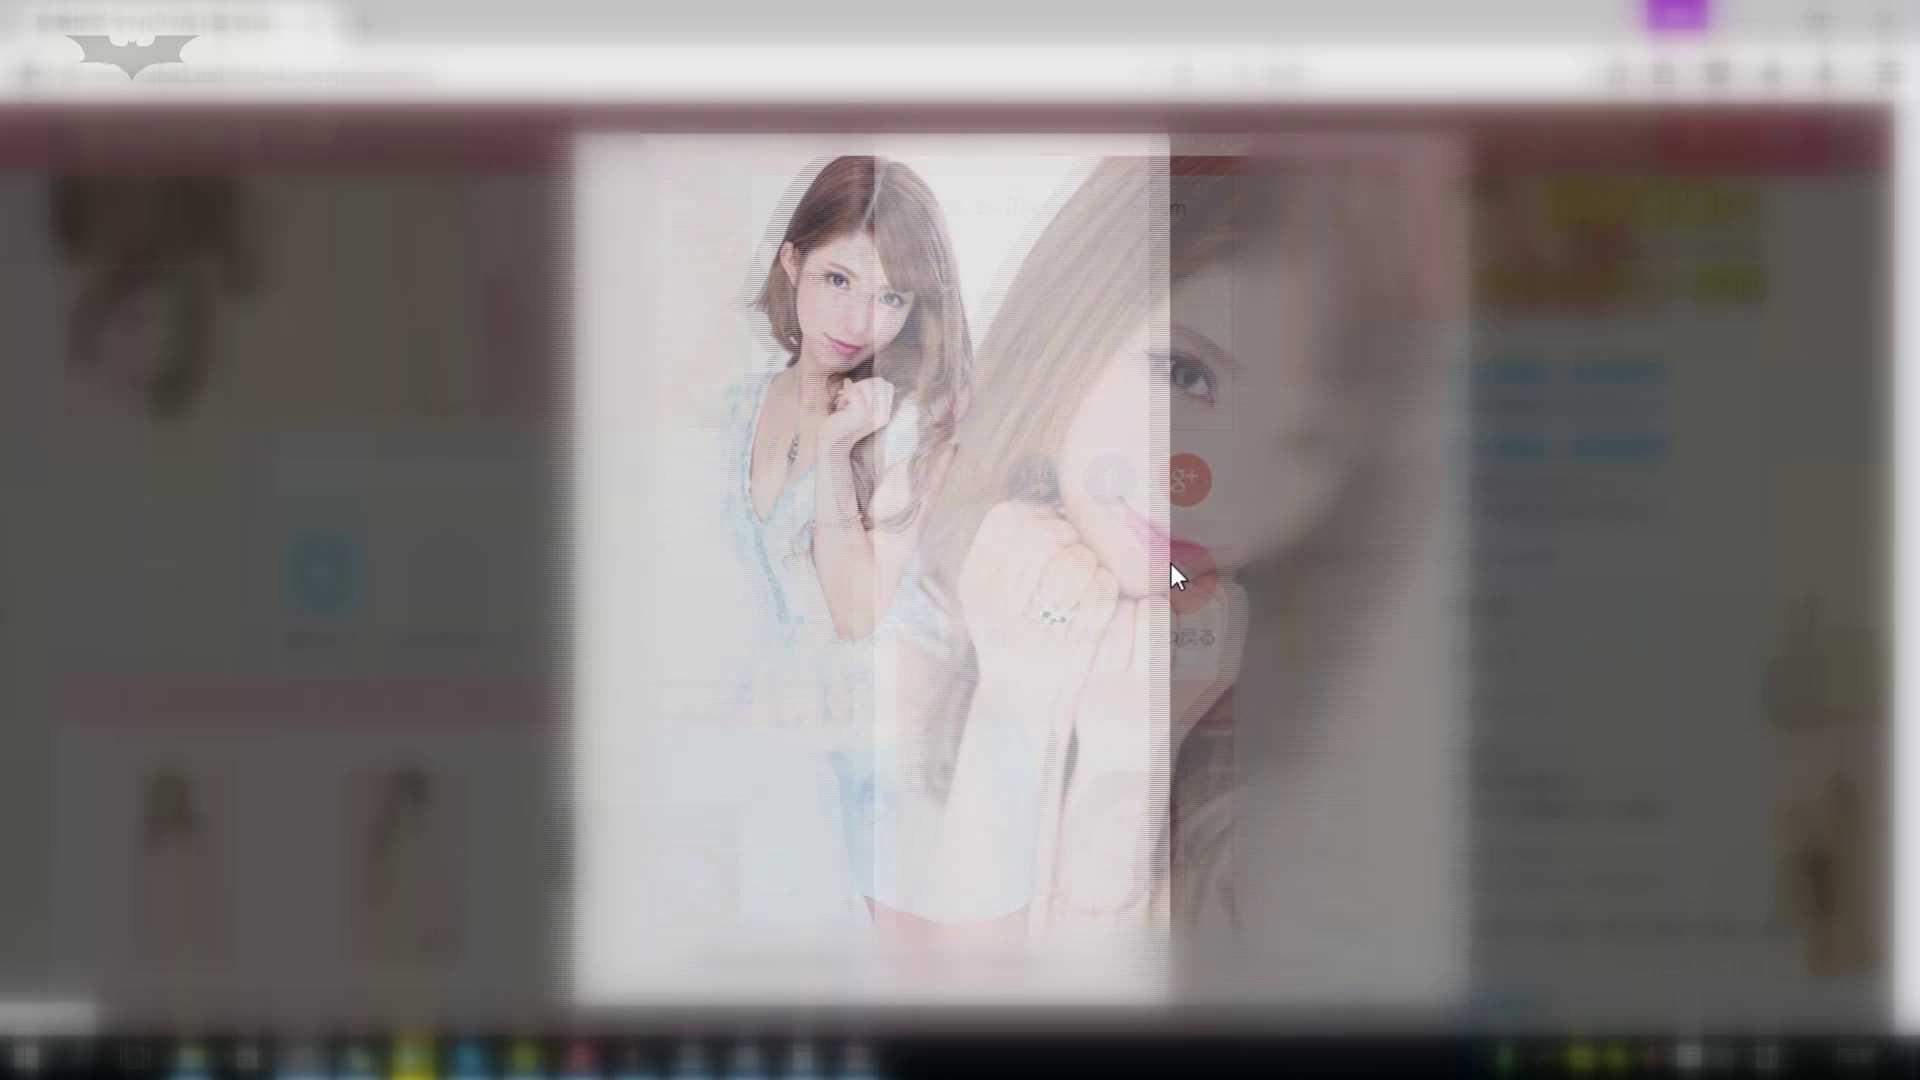 ヒトニアラヅNo.04 六本木NO1 姿、流れ、予告編公開!! ギャル   高画質  71画像 23